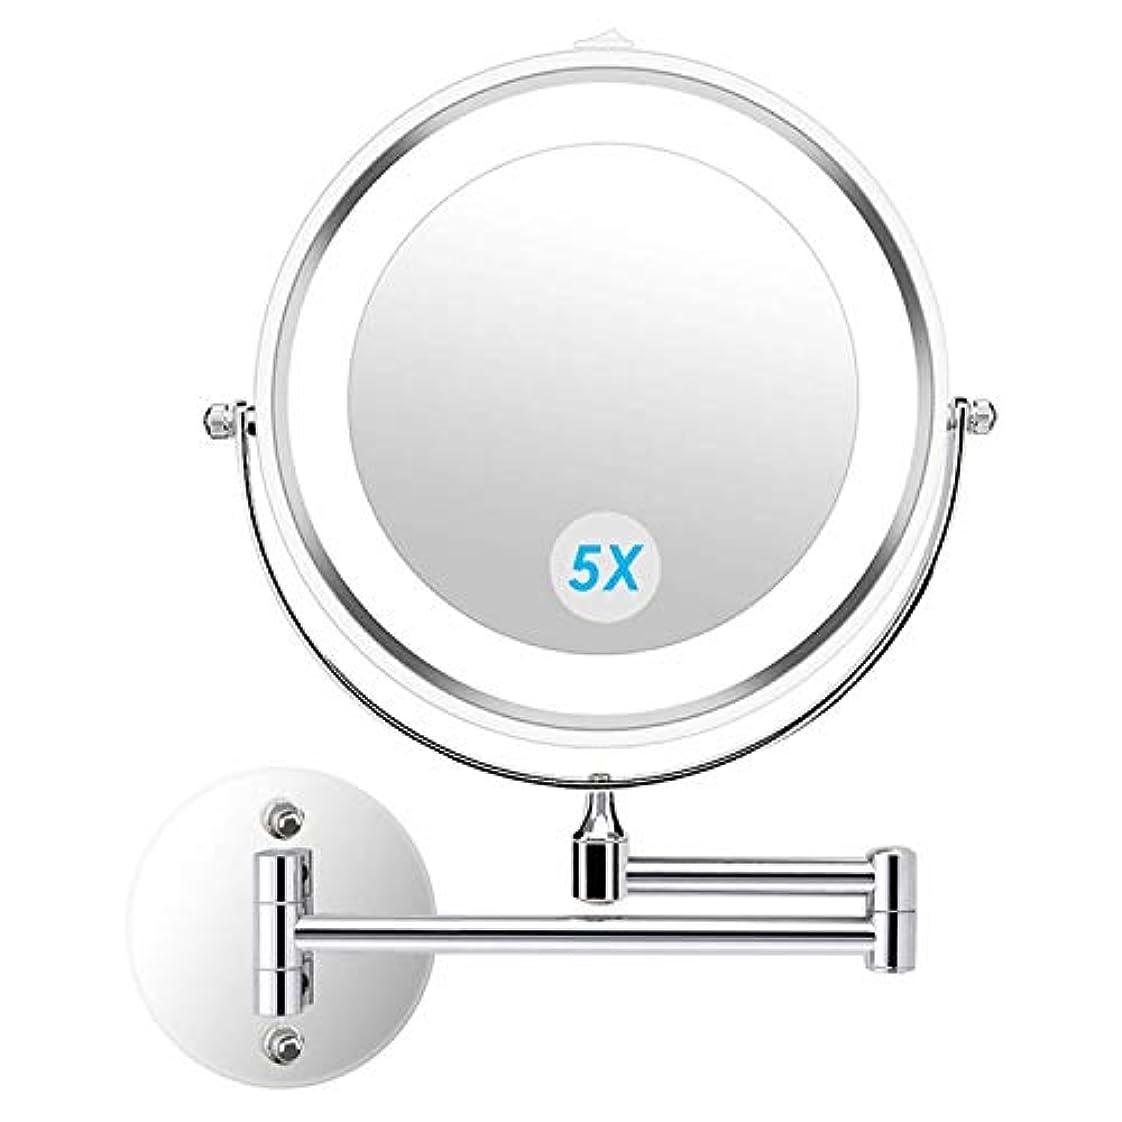 不誠実保護円周alvorog 壁掛け化粧鏡 4個 電池で駆動バスルームホテル用照明付き両面5倍 倍率360度 スイベル延長化粧化粧鏡を導きました 7